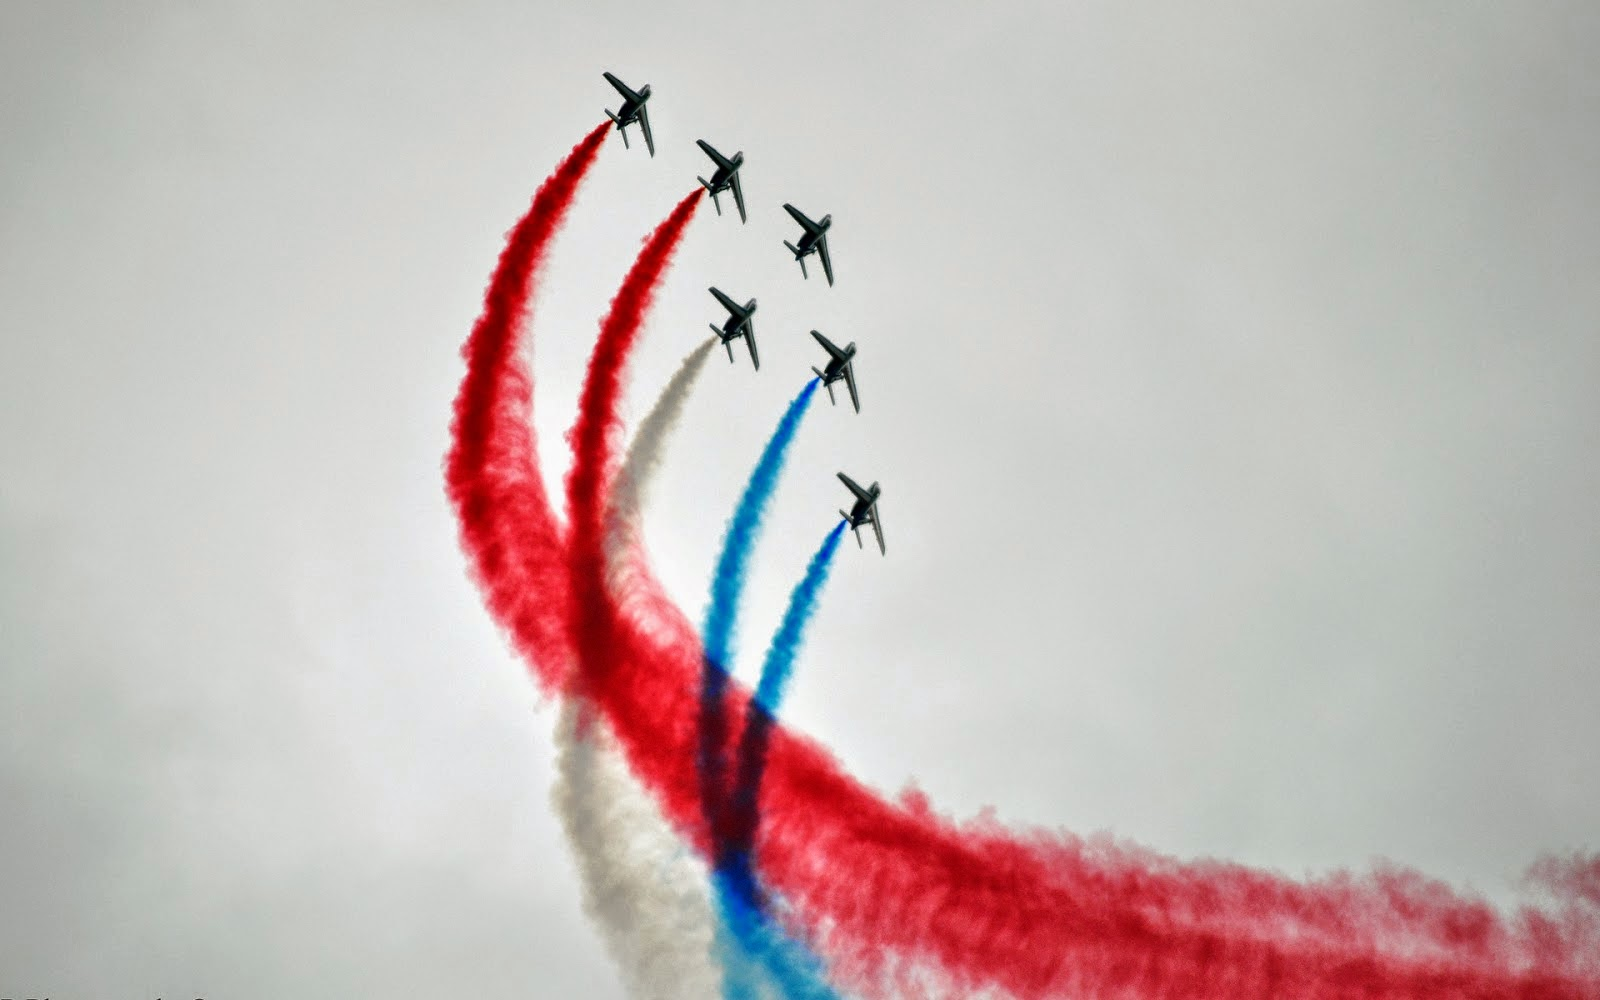 """<img src=""""http://4.bp.blogspot.com/-Q2o64MgGtUY/U8hvXRftZ_I/AAAAAAAAL4s/tbWPNqSIecg/s1600/france-aviation-hd-wallpaper.jpg"""" alt=""""France Aviation HD Wallpaper"""" />"""